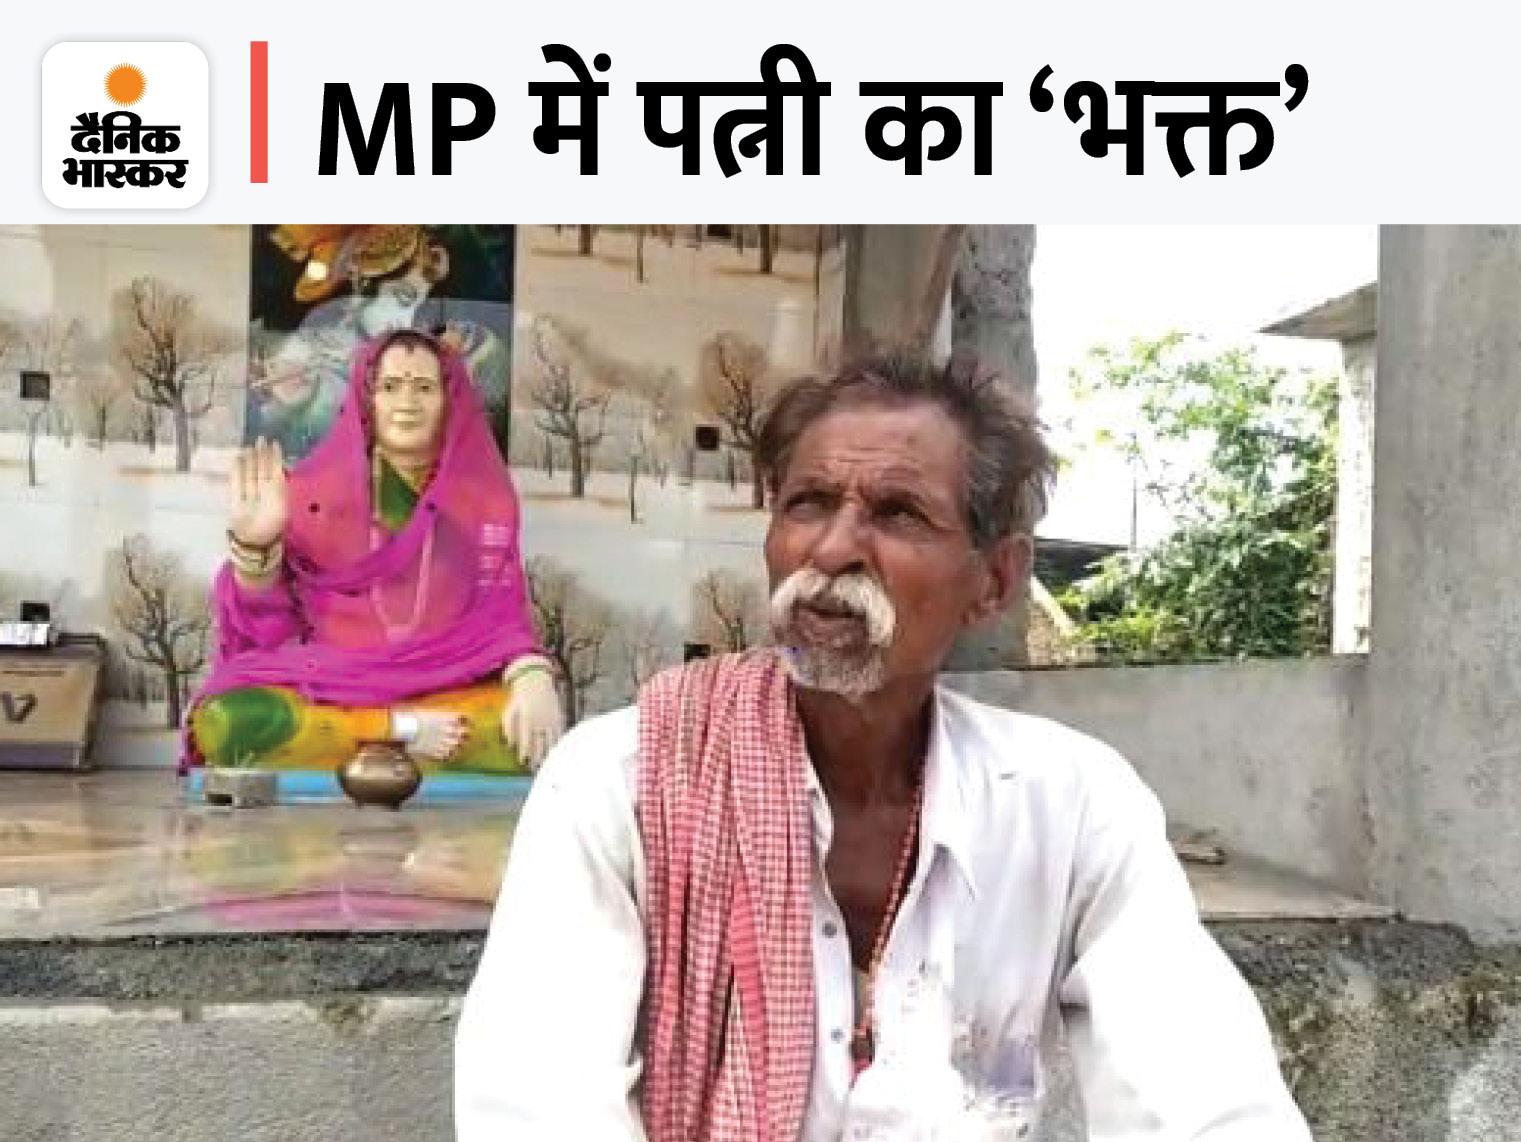 MP के शाजापुर में परिजन सुबह-शाम करते हैं पूजा, राजस्थान में ऑर्डर देकर बनवाई 3 फीट की प्रतिमा|शाजापुर (उज्जैन),Shajapur (Ujjain) - Dainik Bhaskar